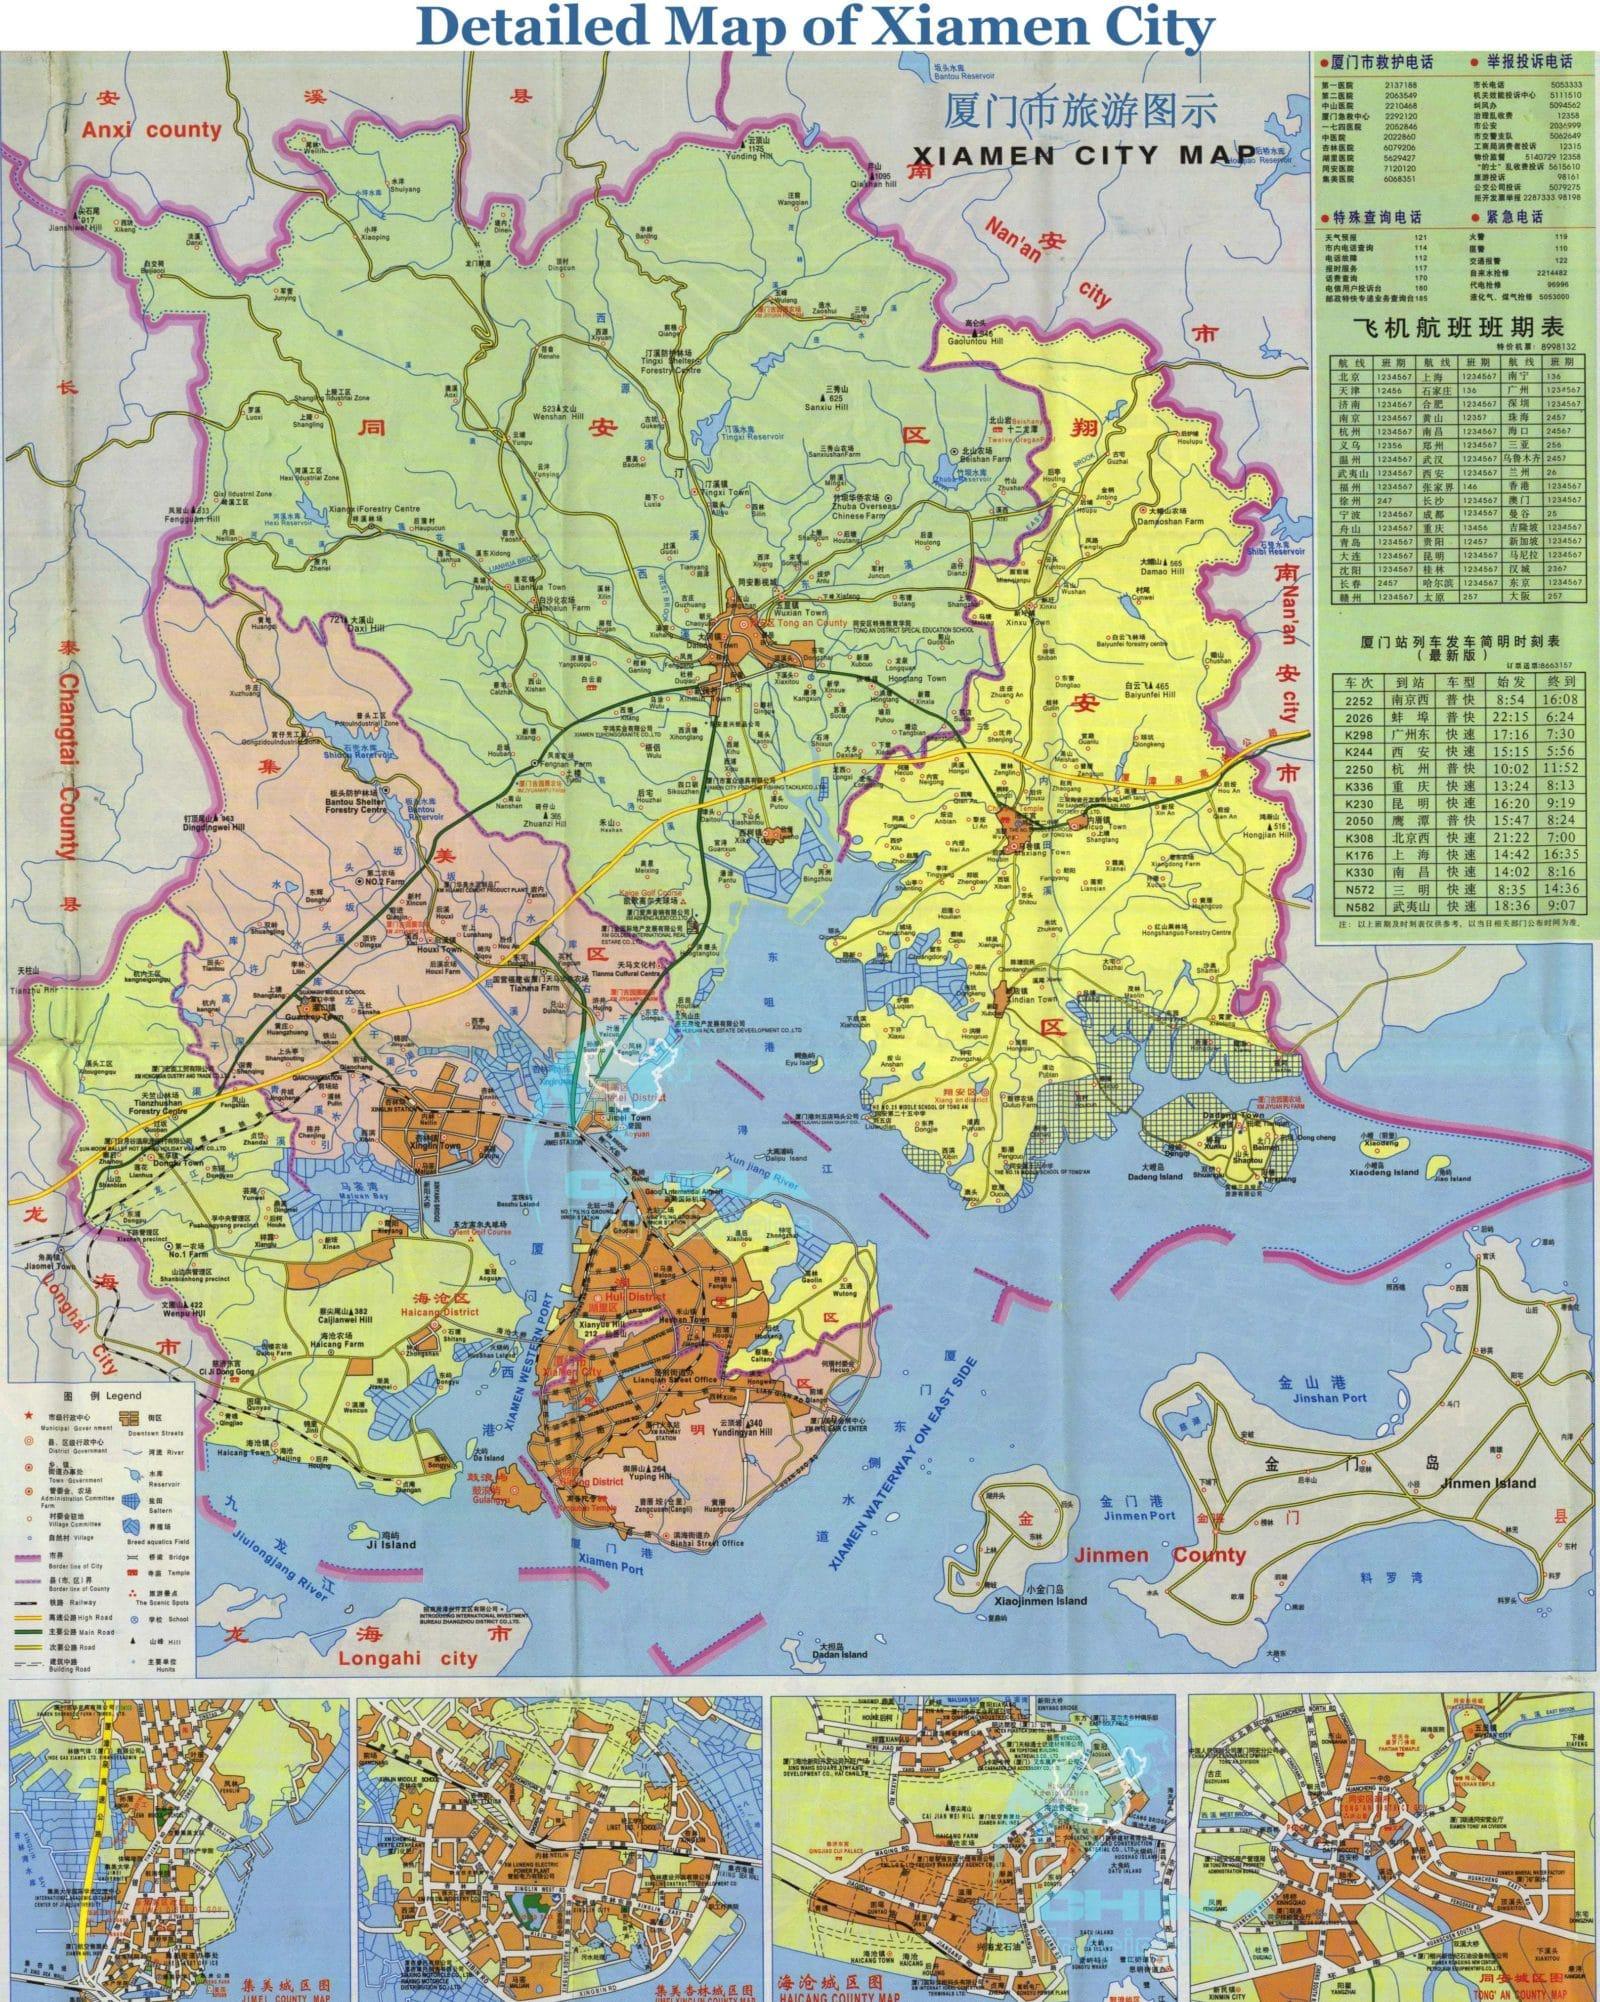 Xiamen China travel maps  Printable hires tourist map of Xiamen